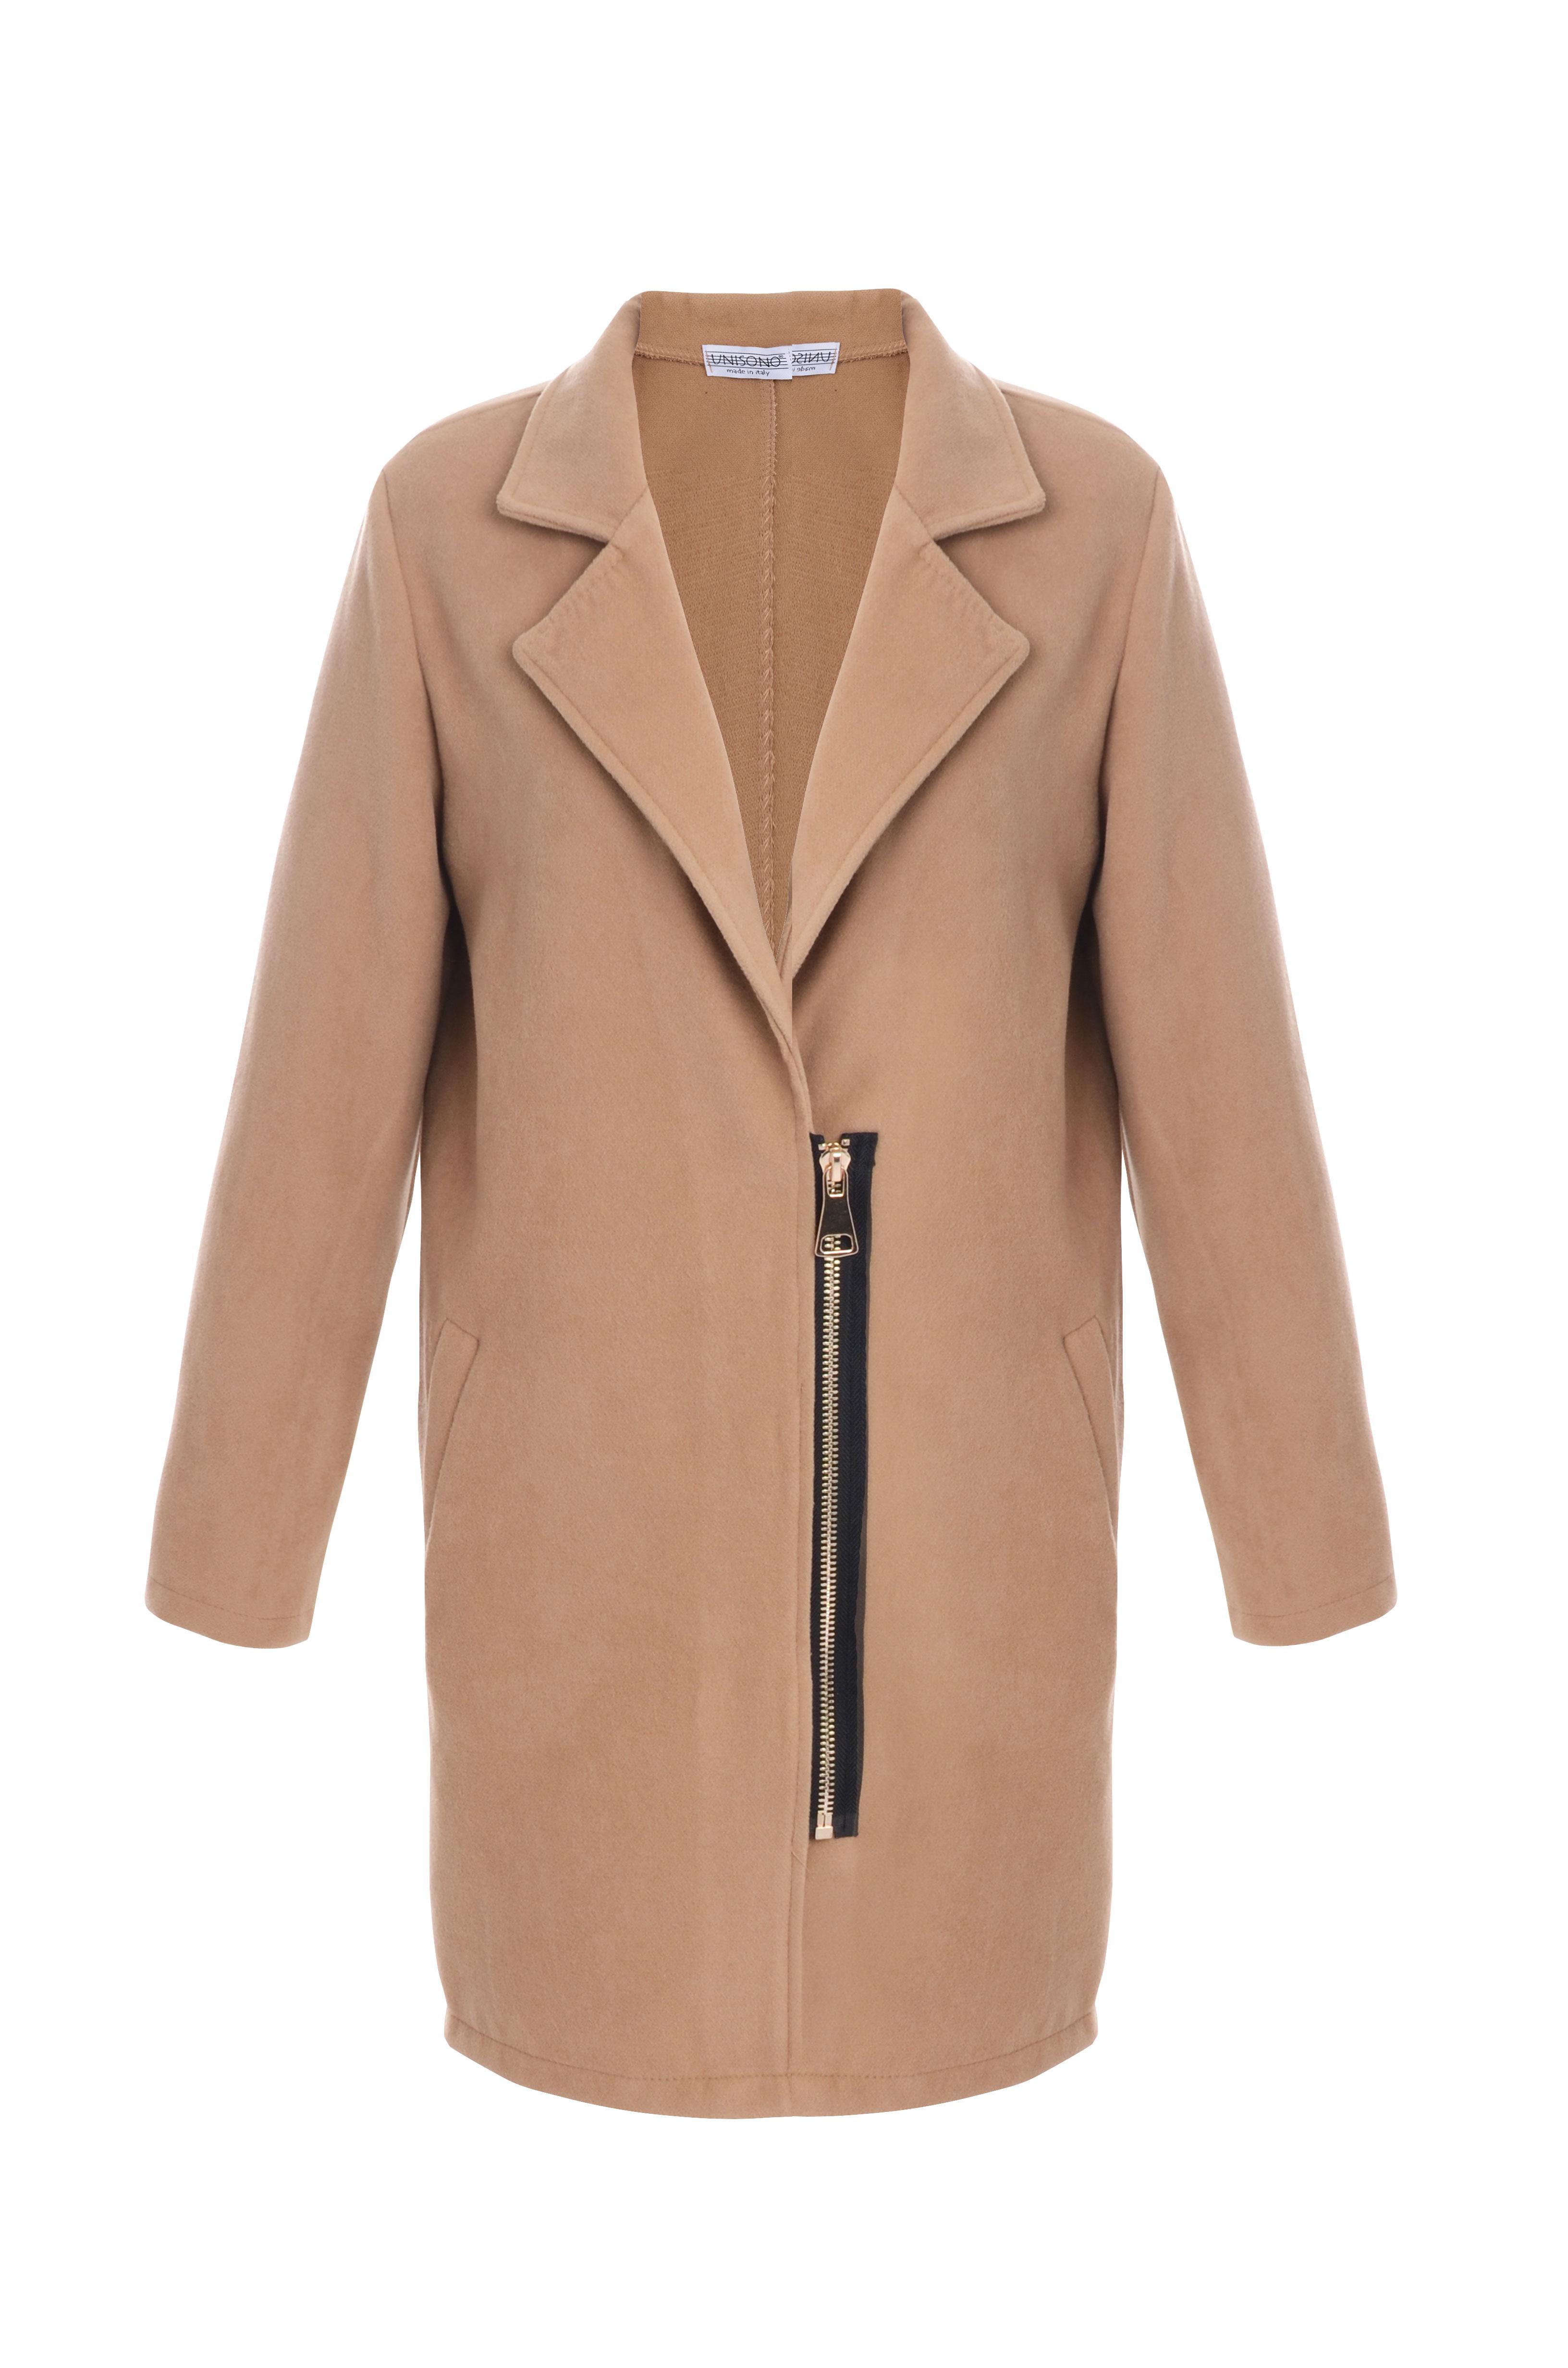 Płaszcz materiałowy - 1-2197 CAMELL - Unisono